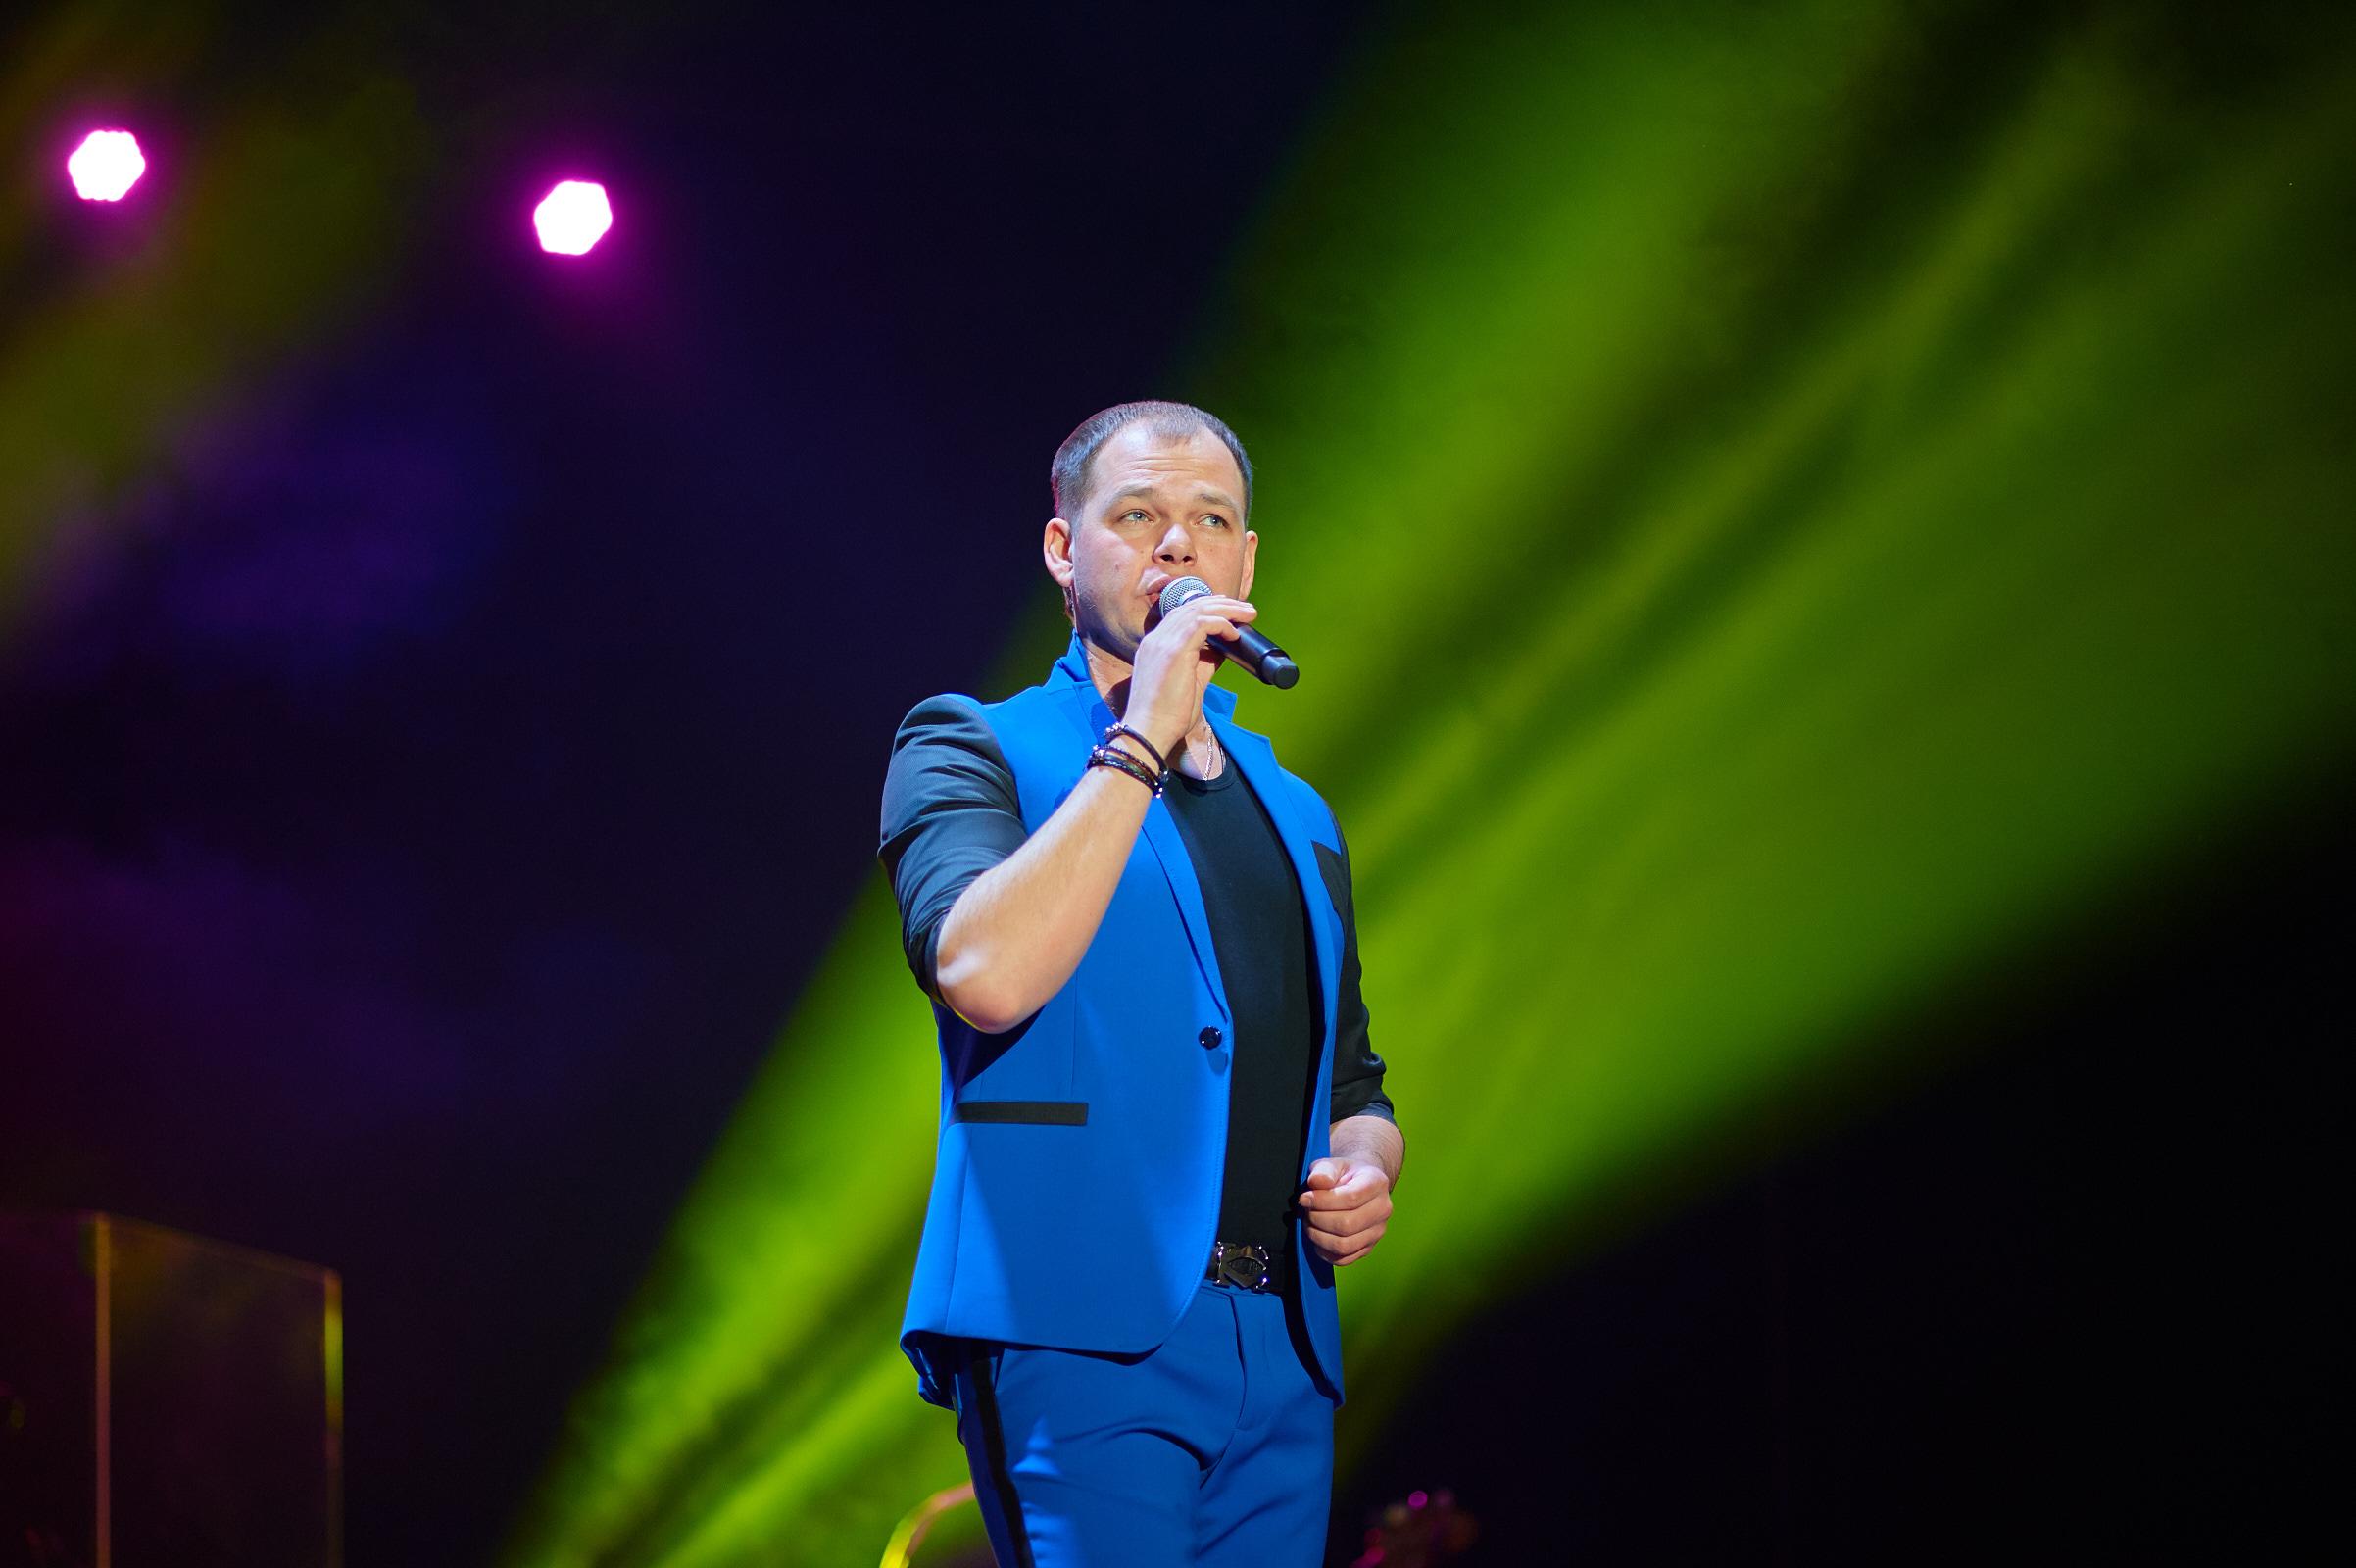 Концерт в Ельце 2016